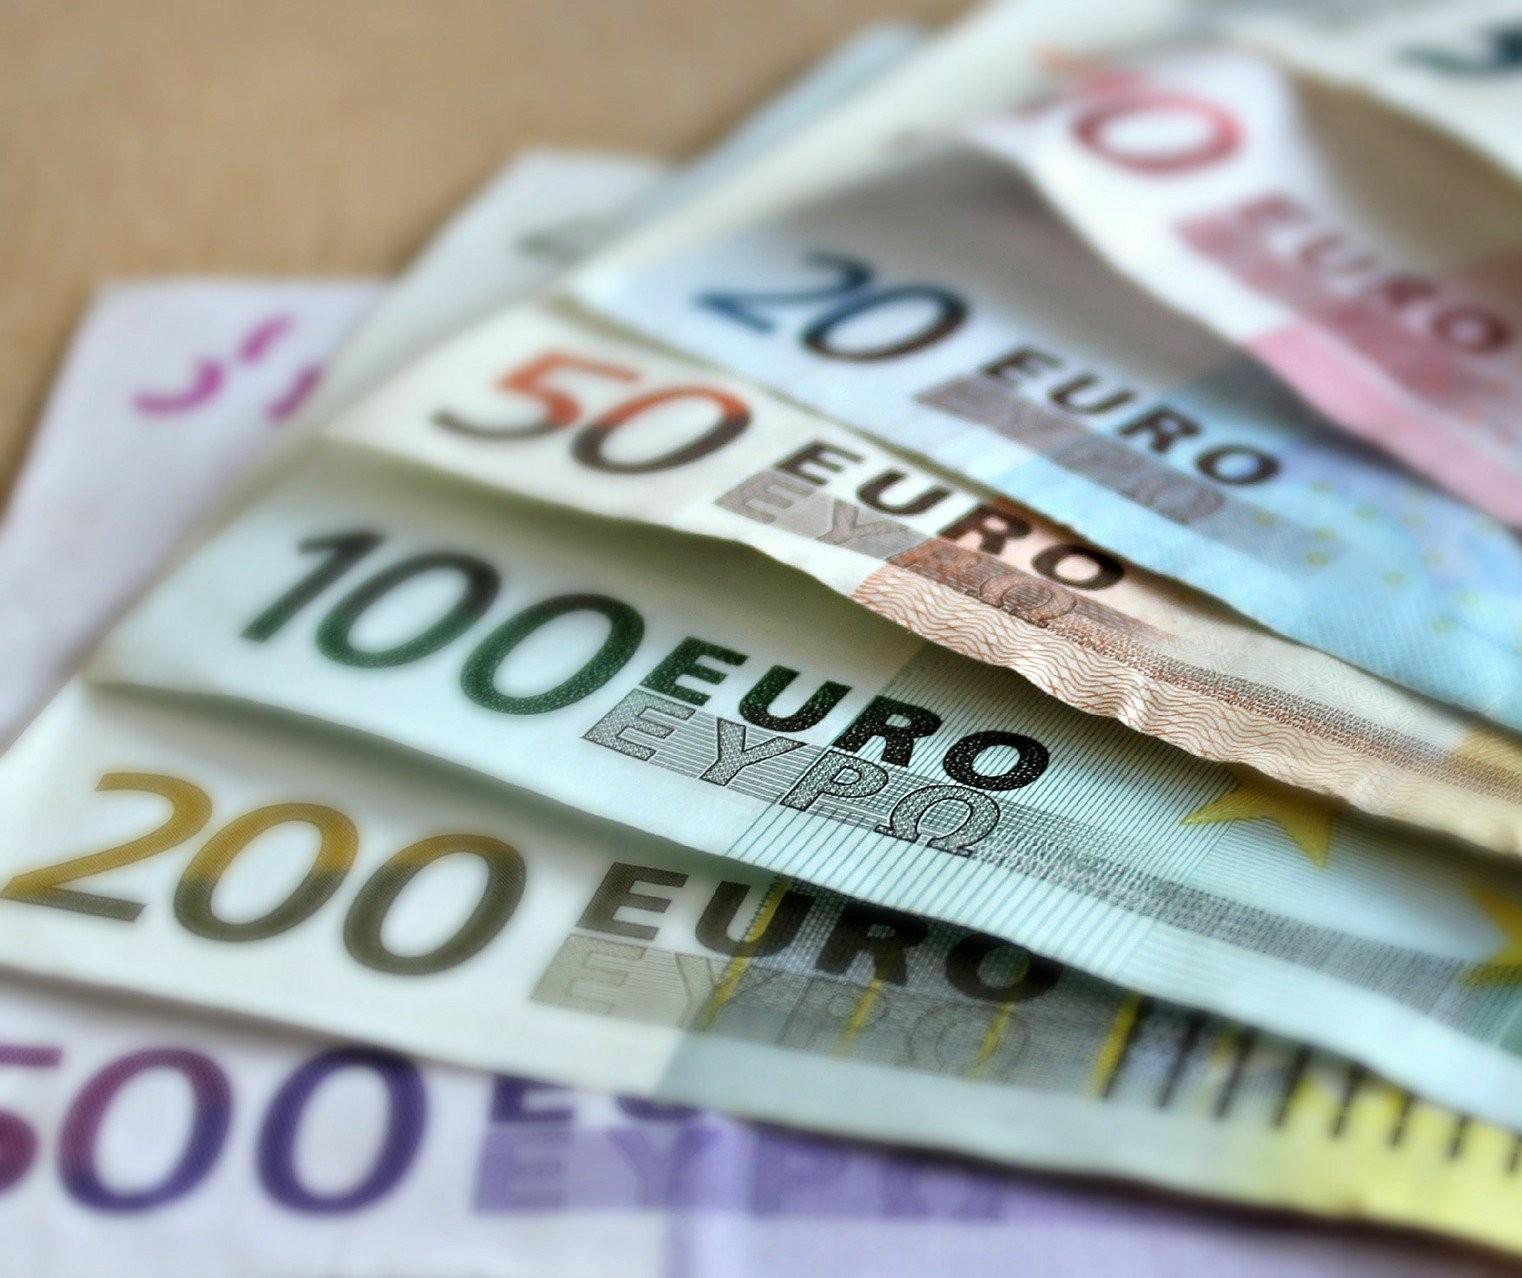 Banco alemão destina €200 bilhões para linha de crédito específica para negócios sustentáveis